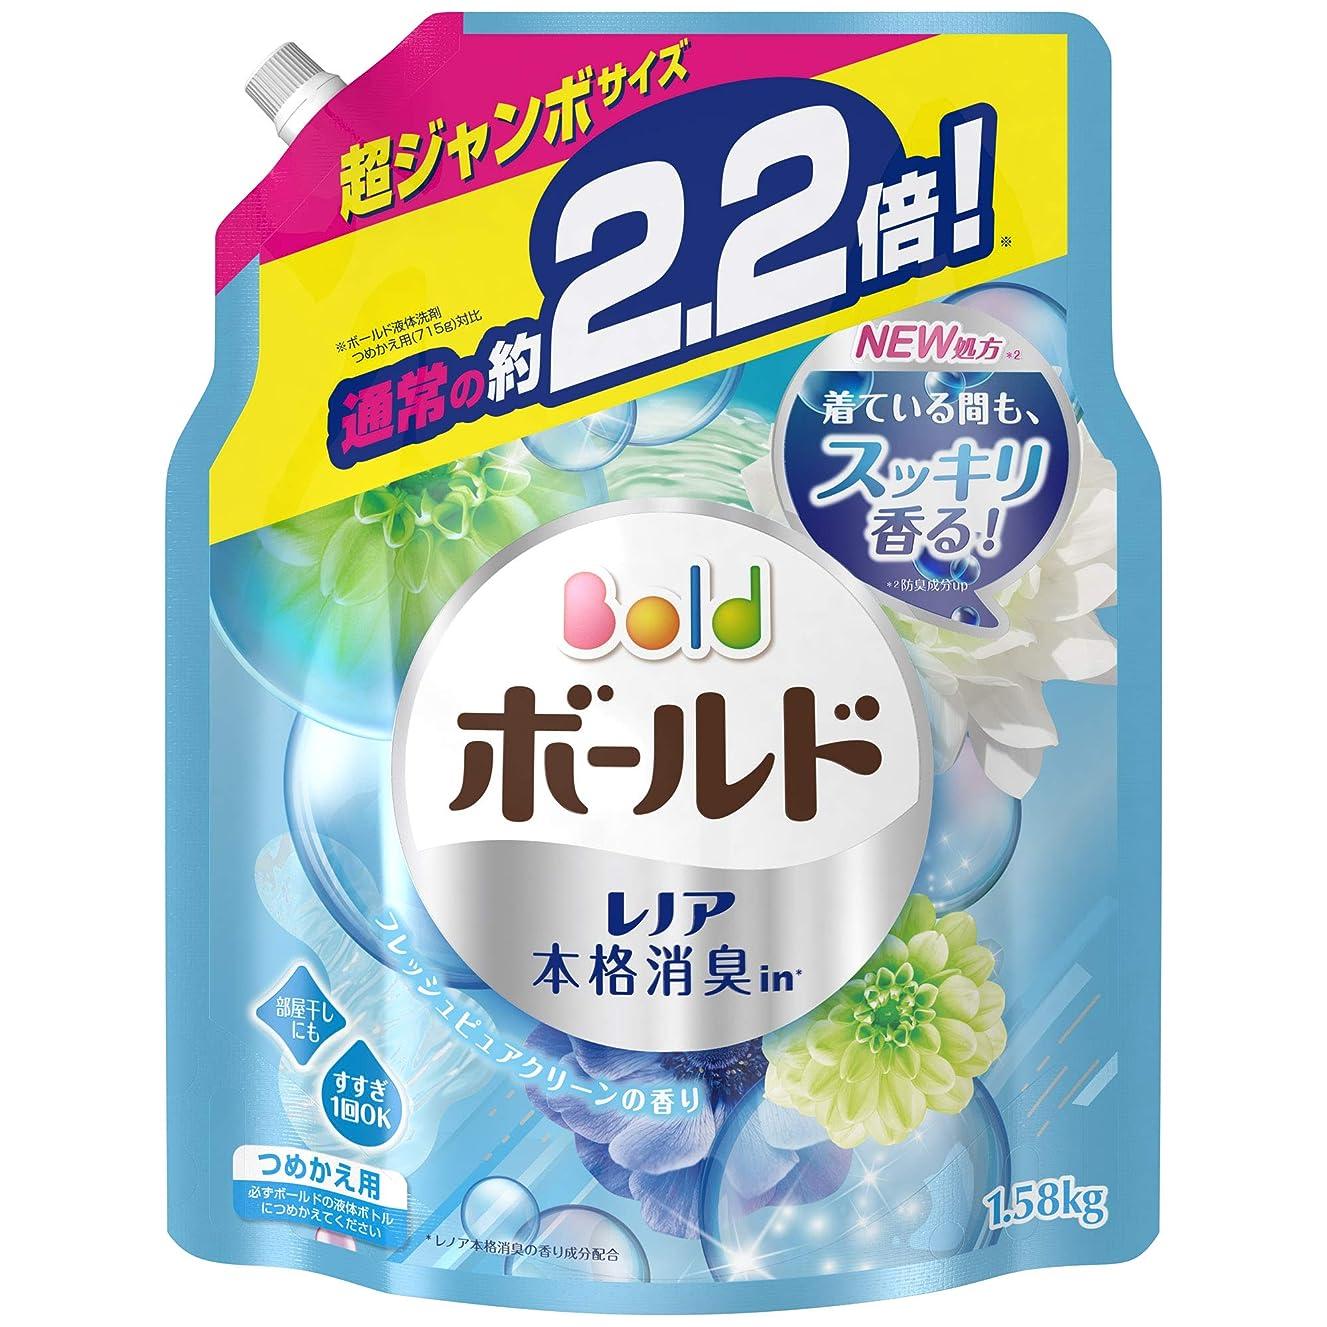 合図忌避剤それによってボールド 洗濯洗剤 液体 フレッシュピュアクリーンの香り 詰め替え 1580g